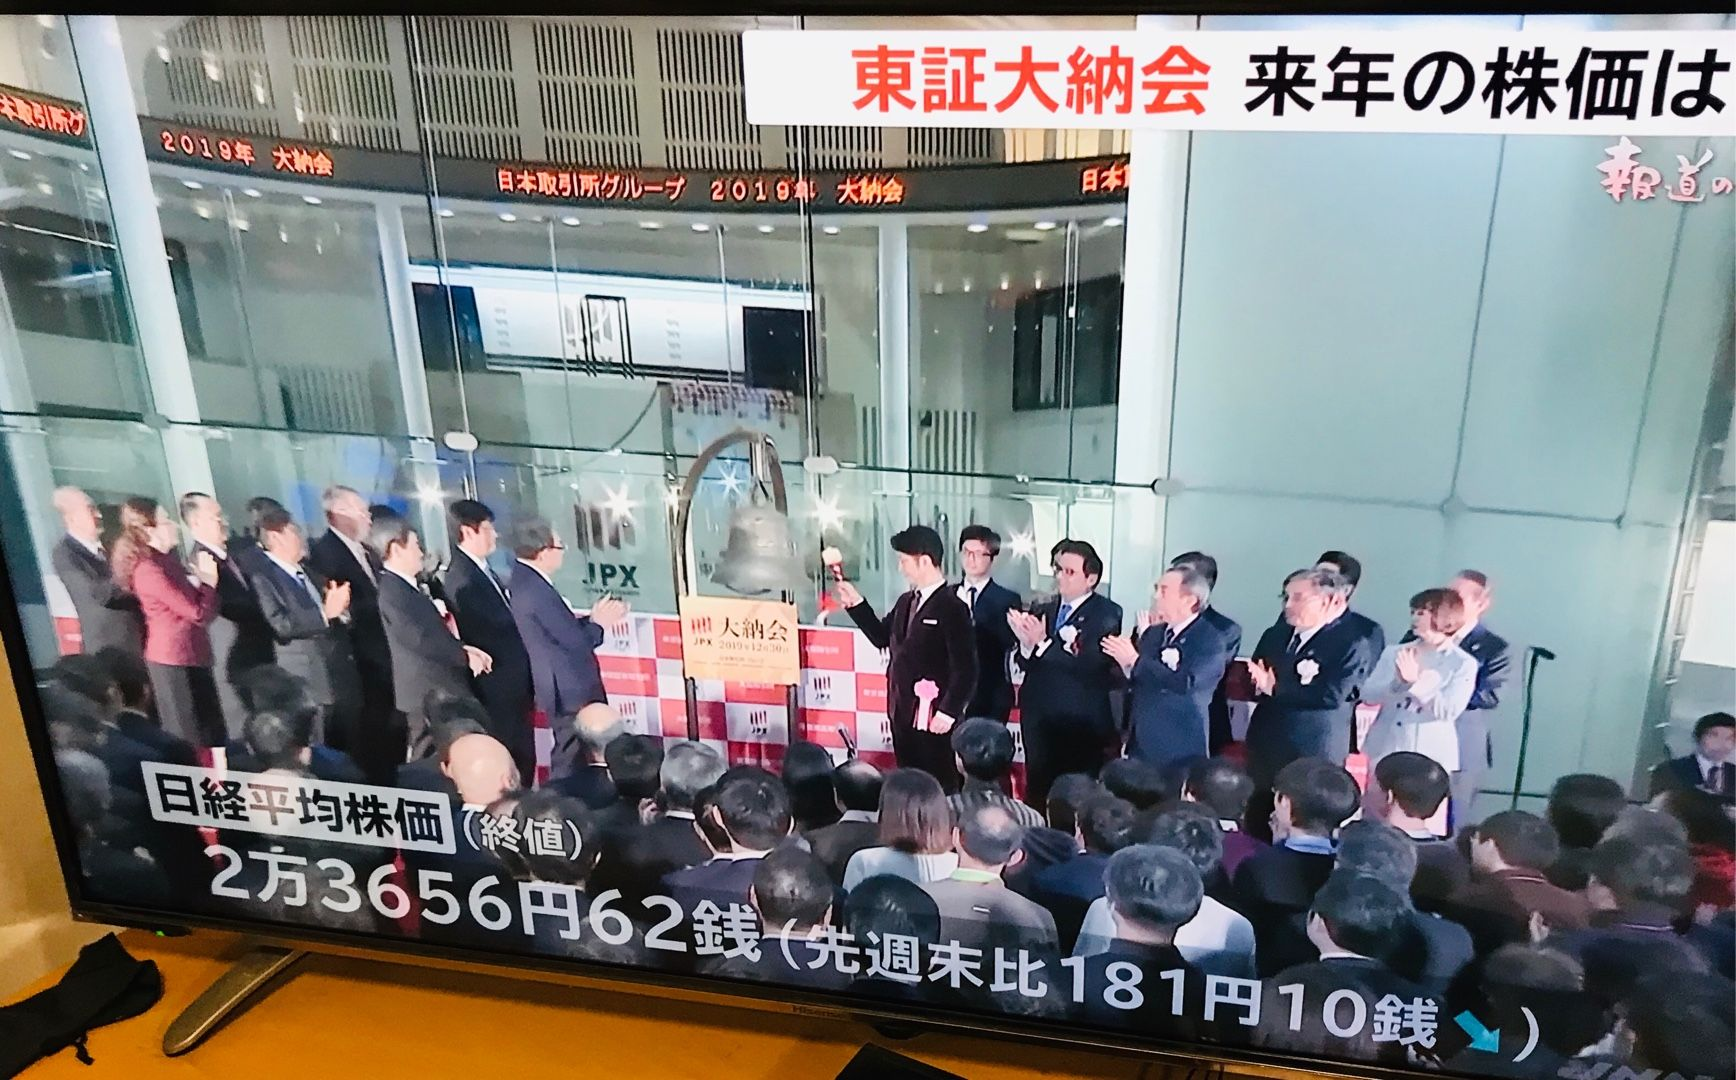 大 納会 2019 東証 ビジネス特集 29年ぶりの高値